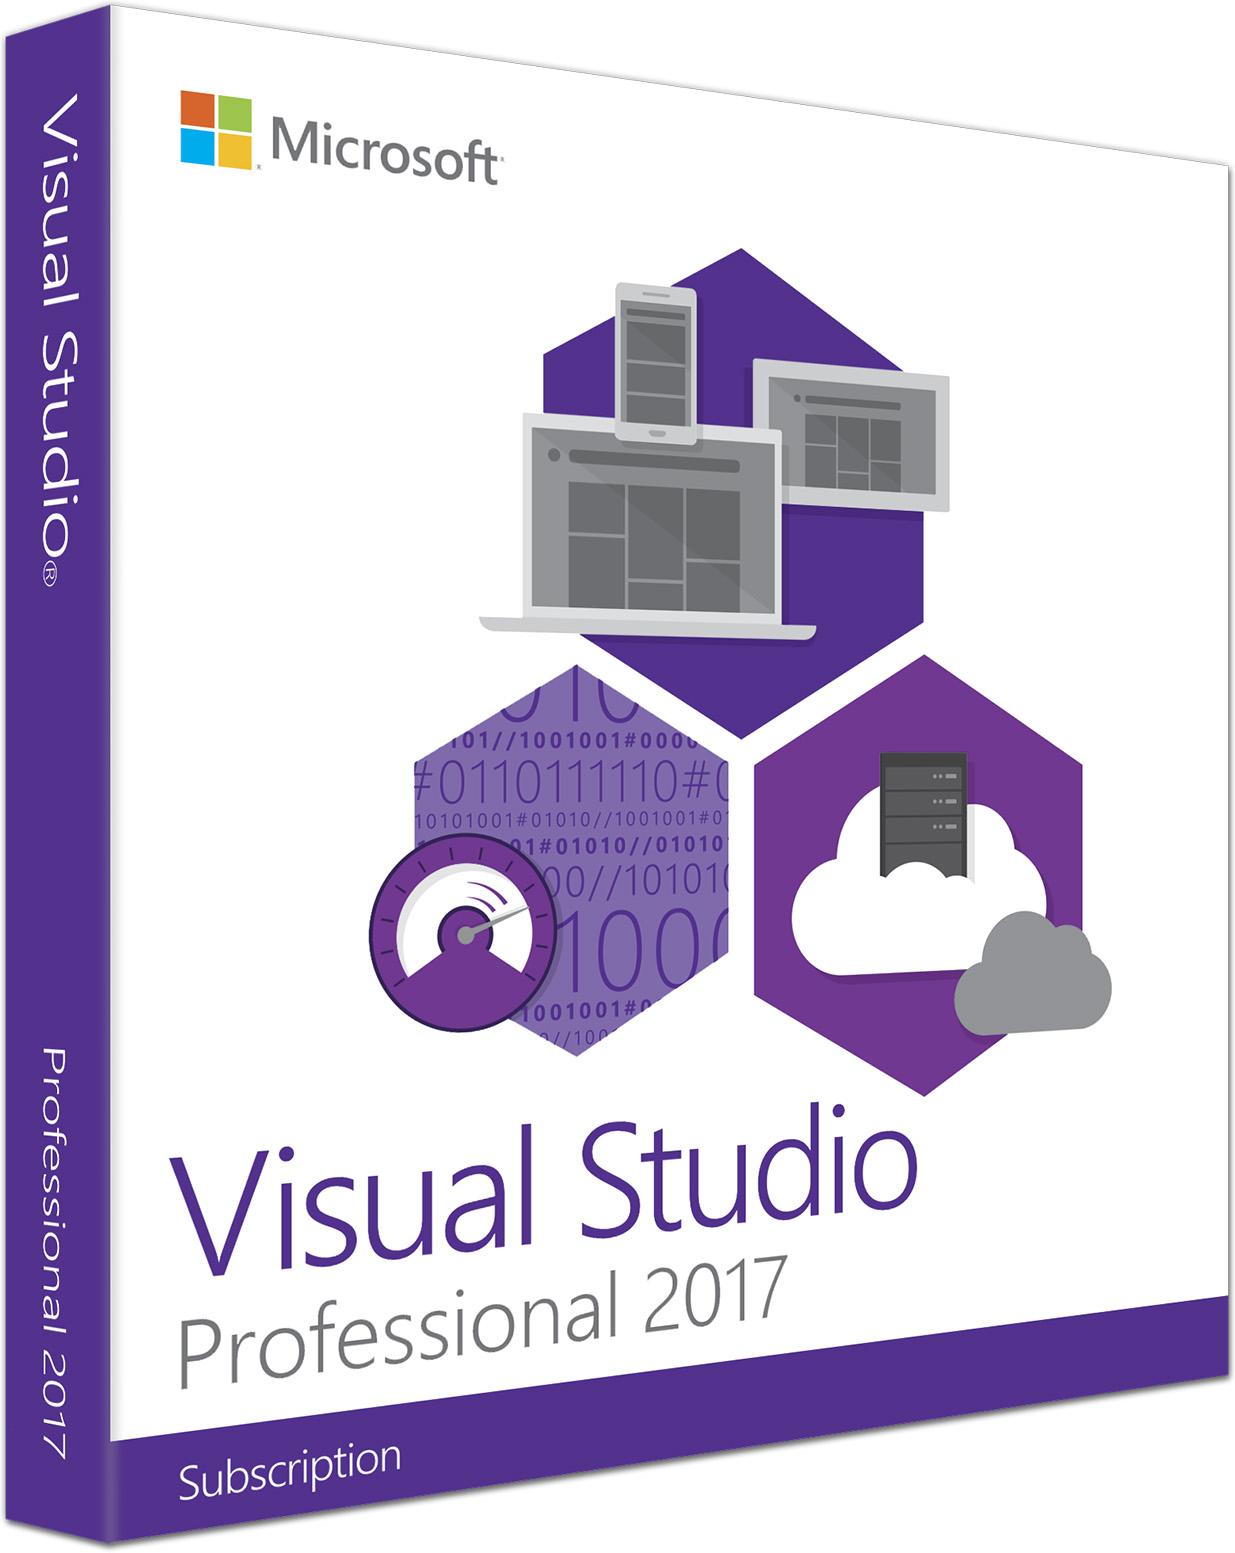 Suscripción a Visual Studio Professional